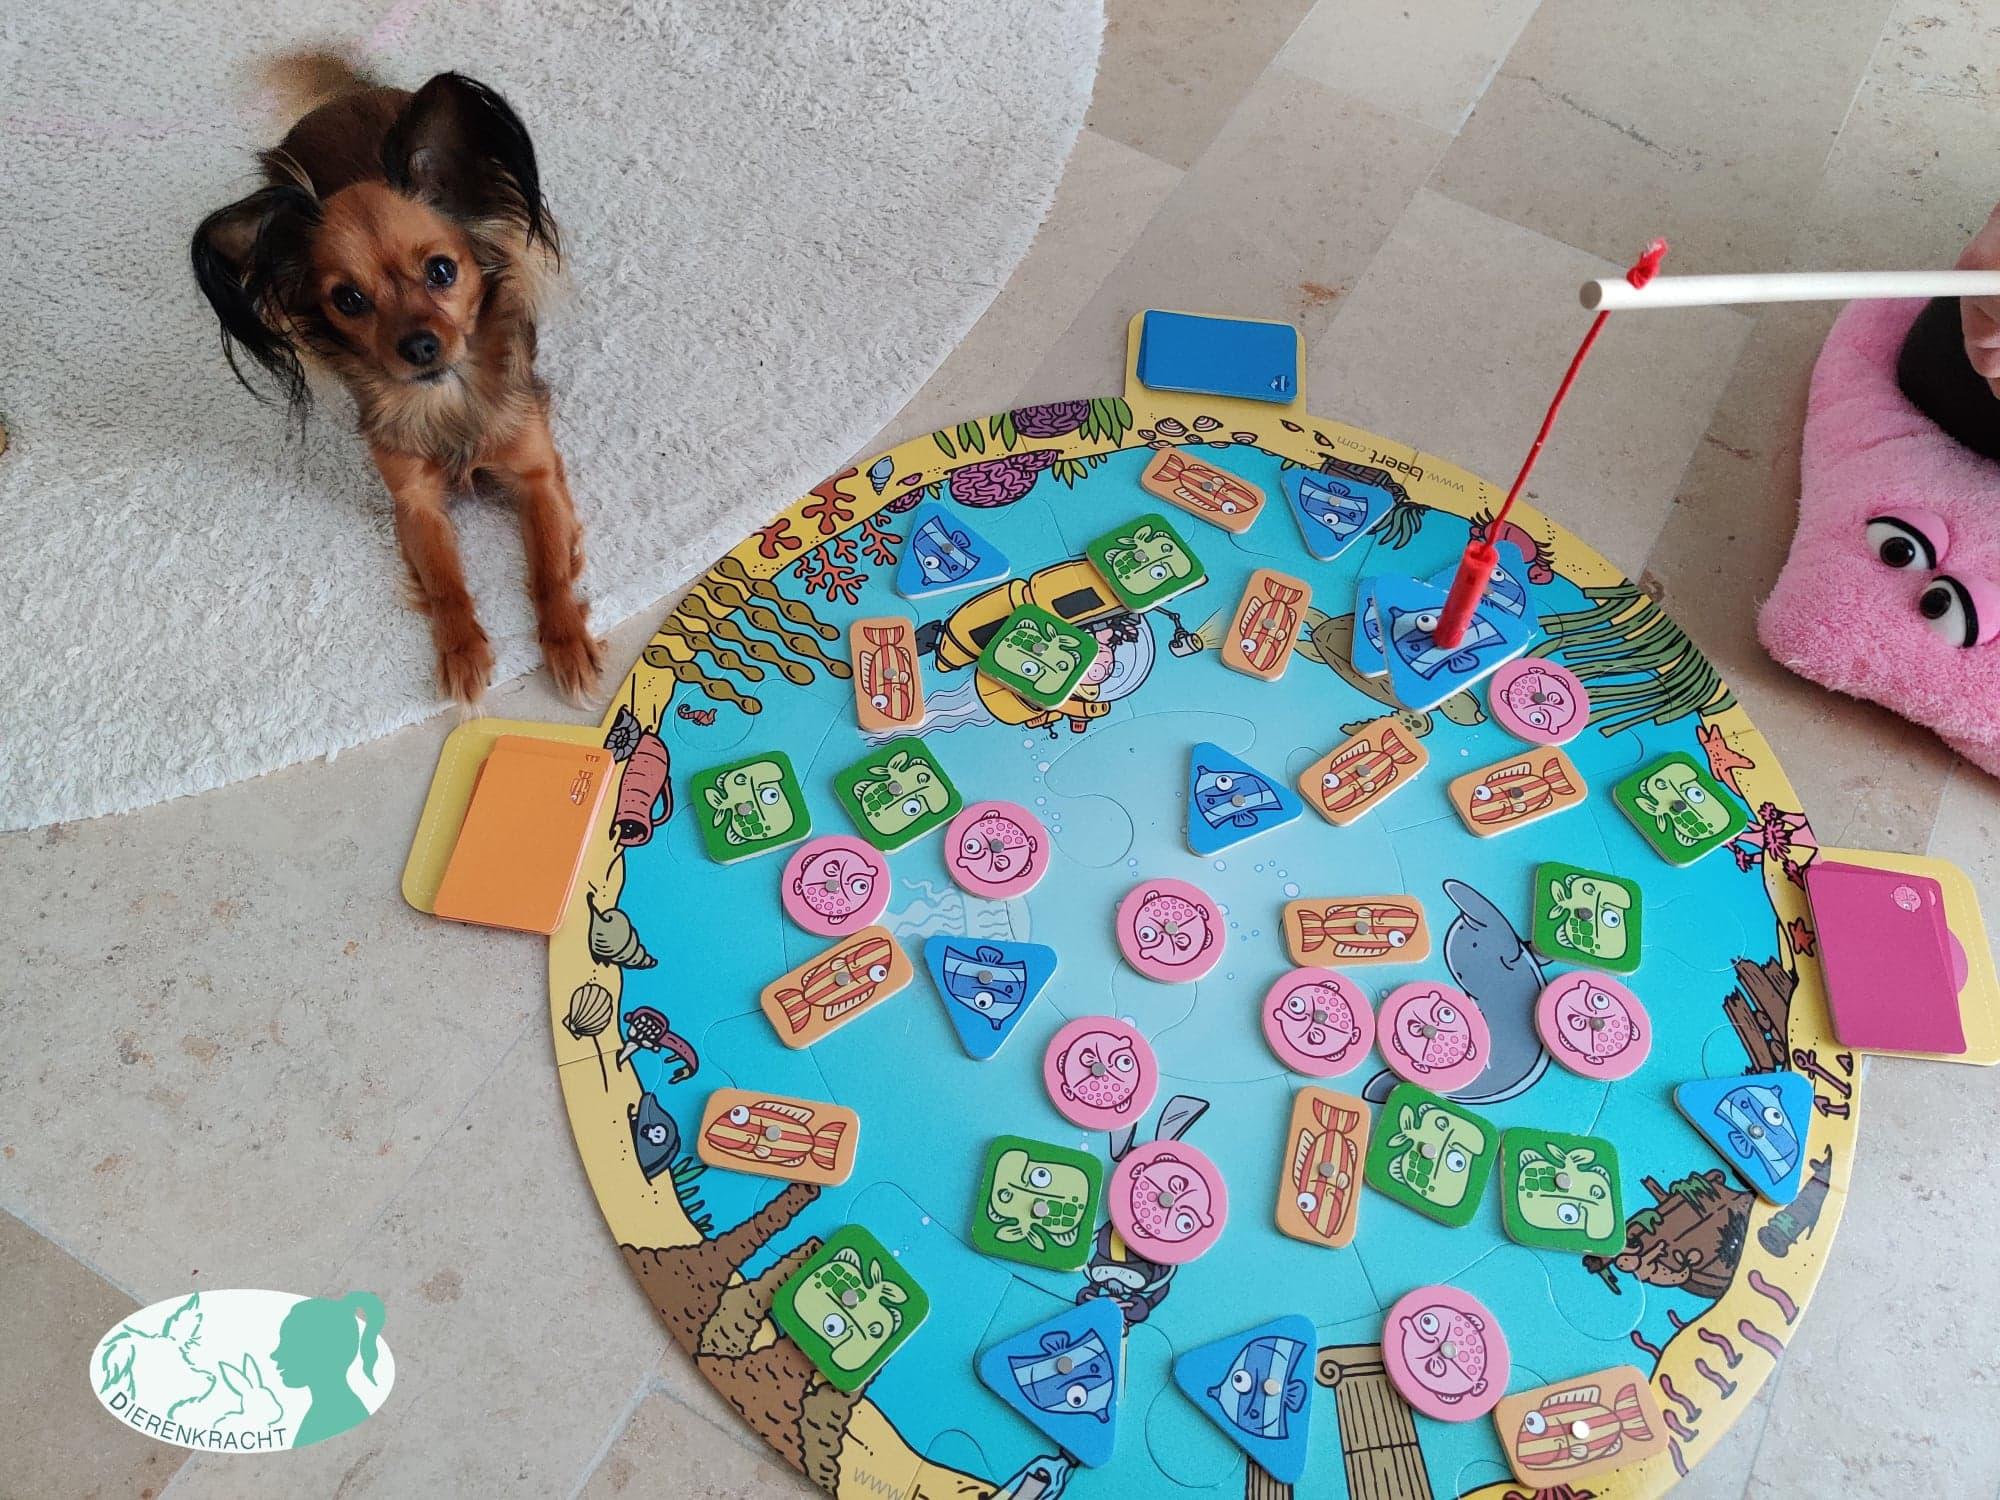 Therapie met honden